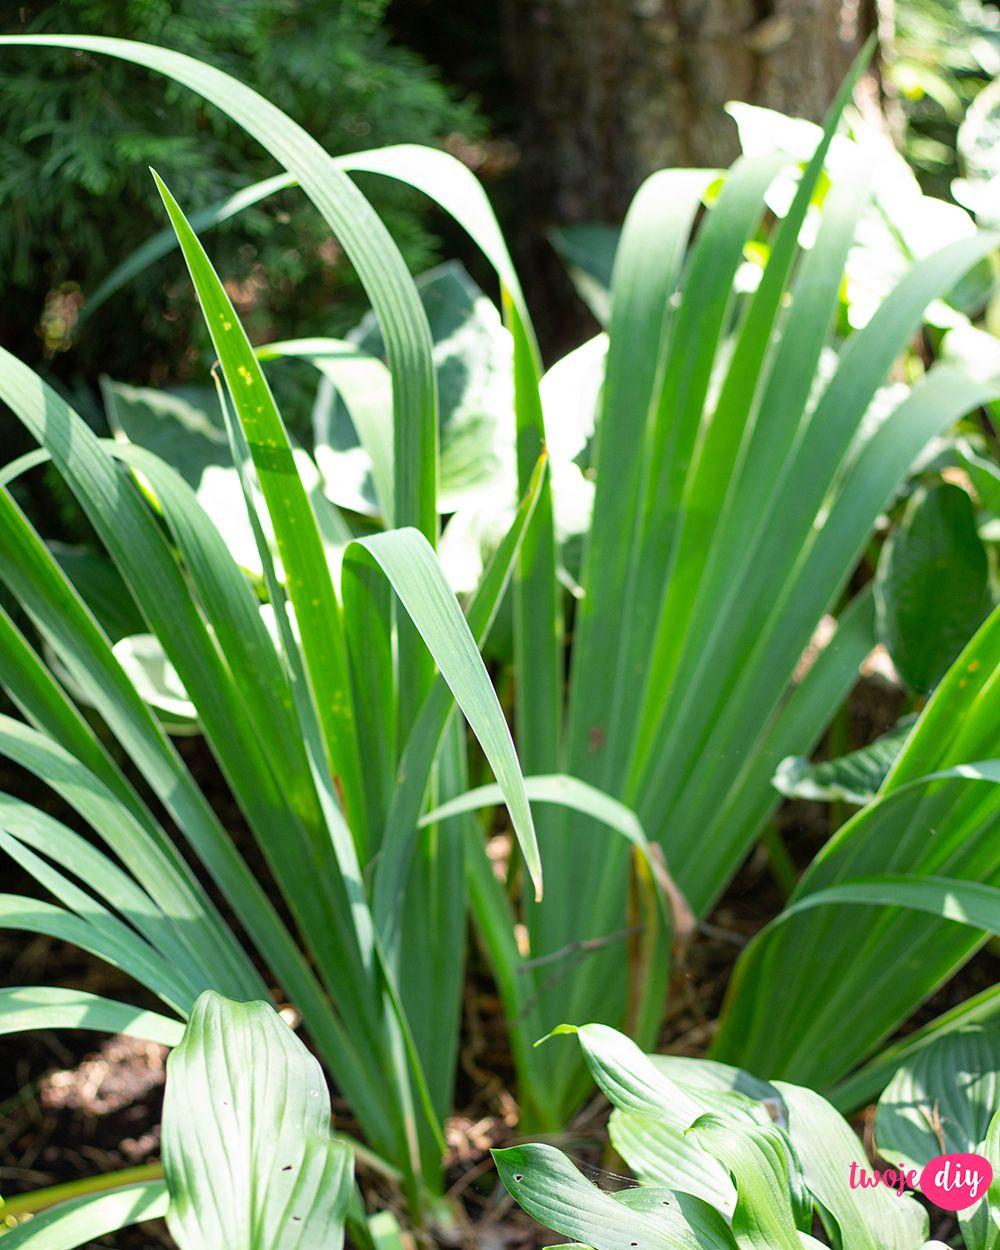 19 Roslin Ktore Beda Rosly W Zacienionych Miejscach Twoje Diy Garden Plants Flowers